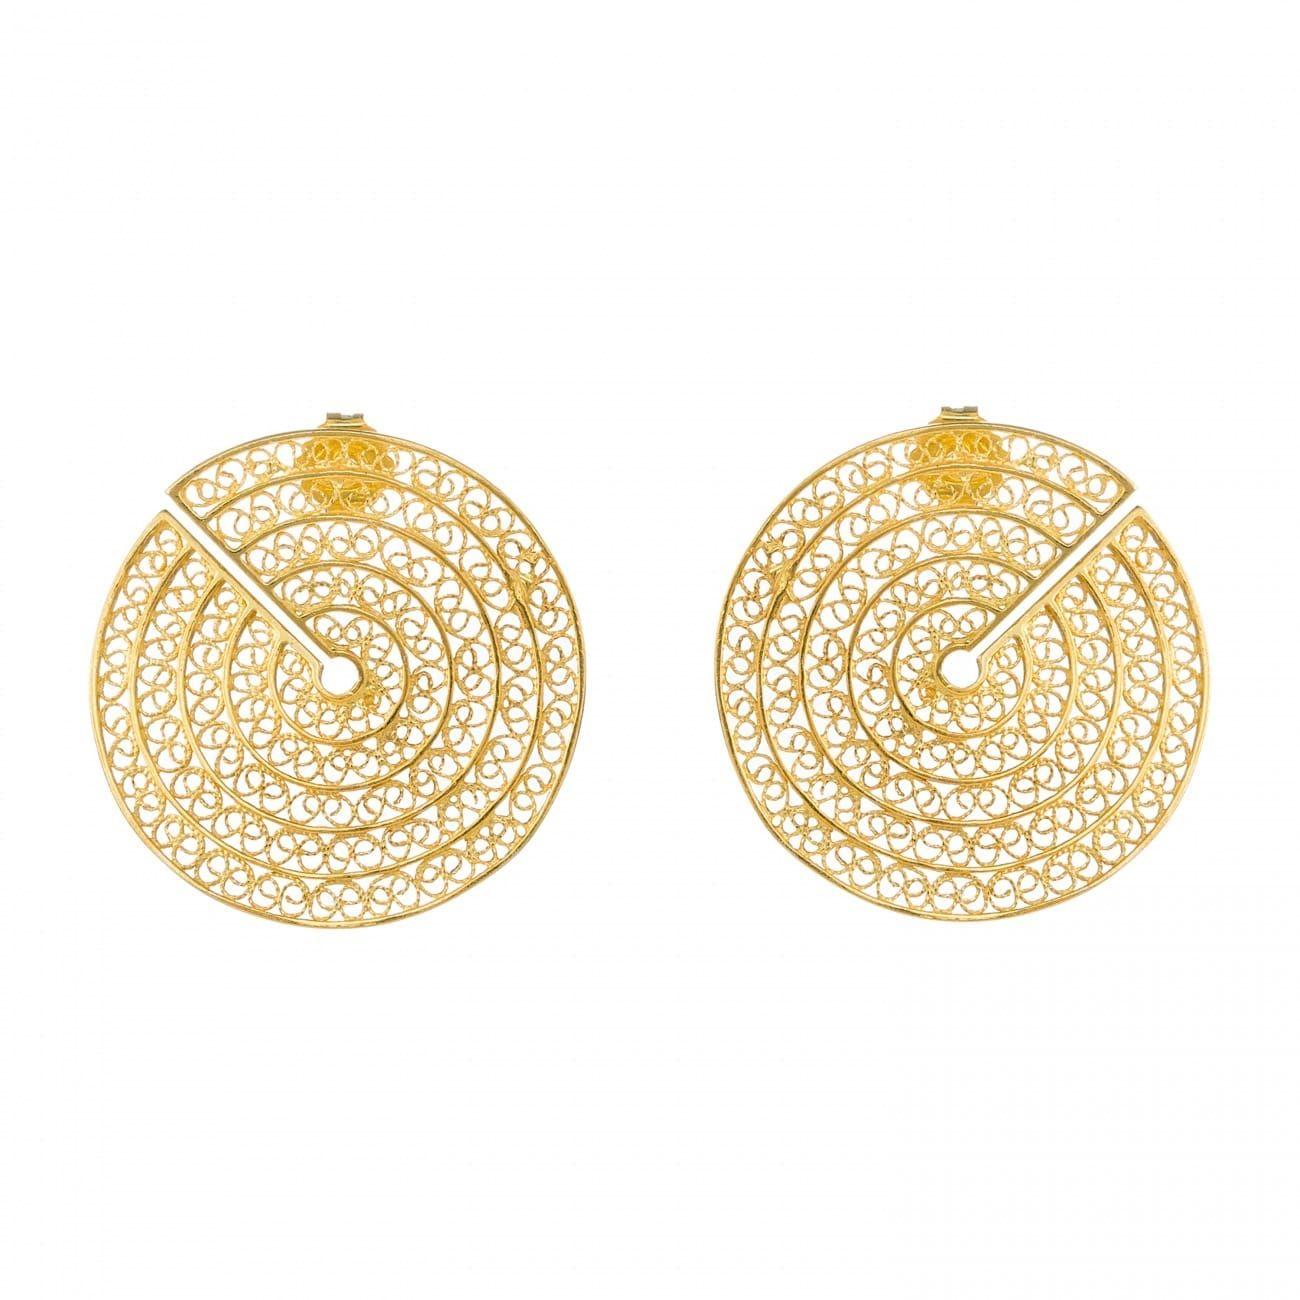 Brincos Círculos Cortados em Prata Dourada